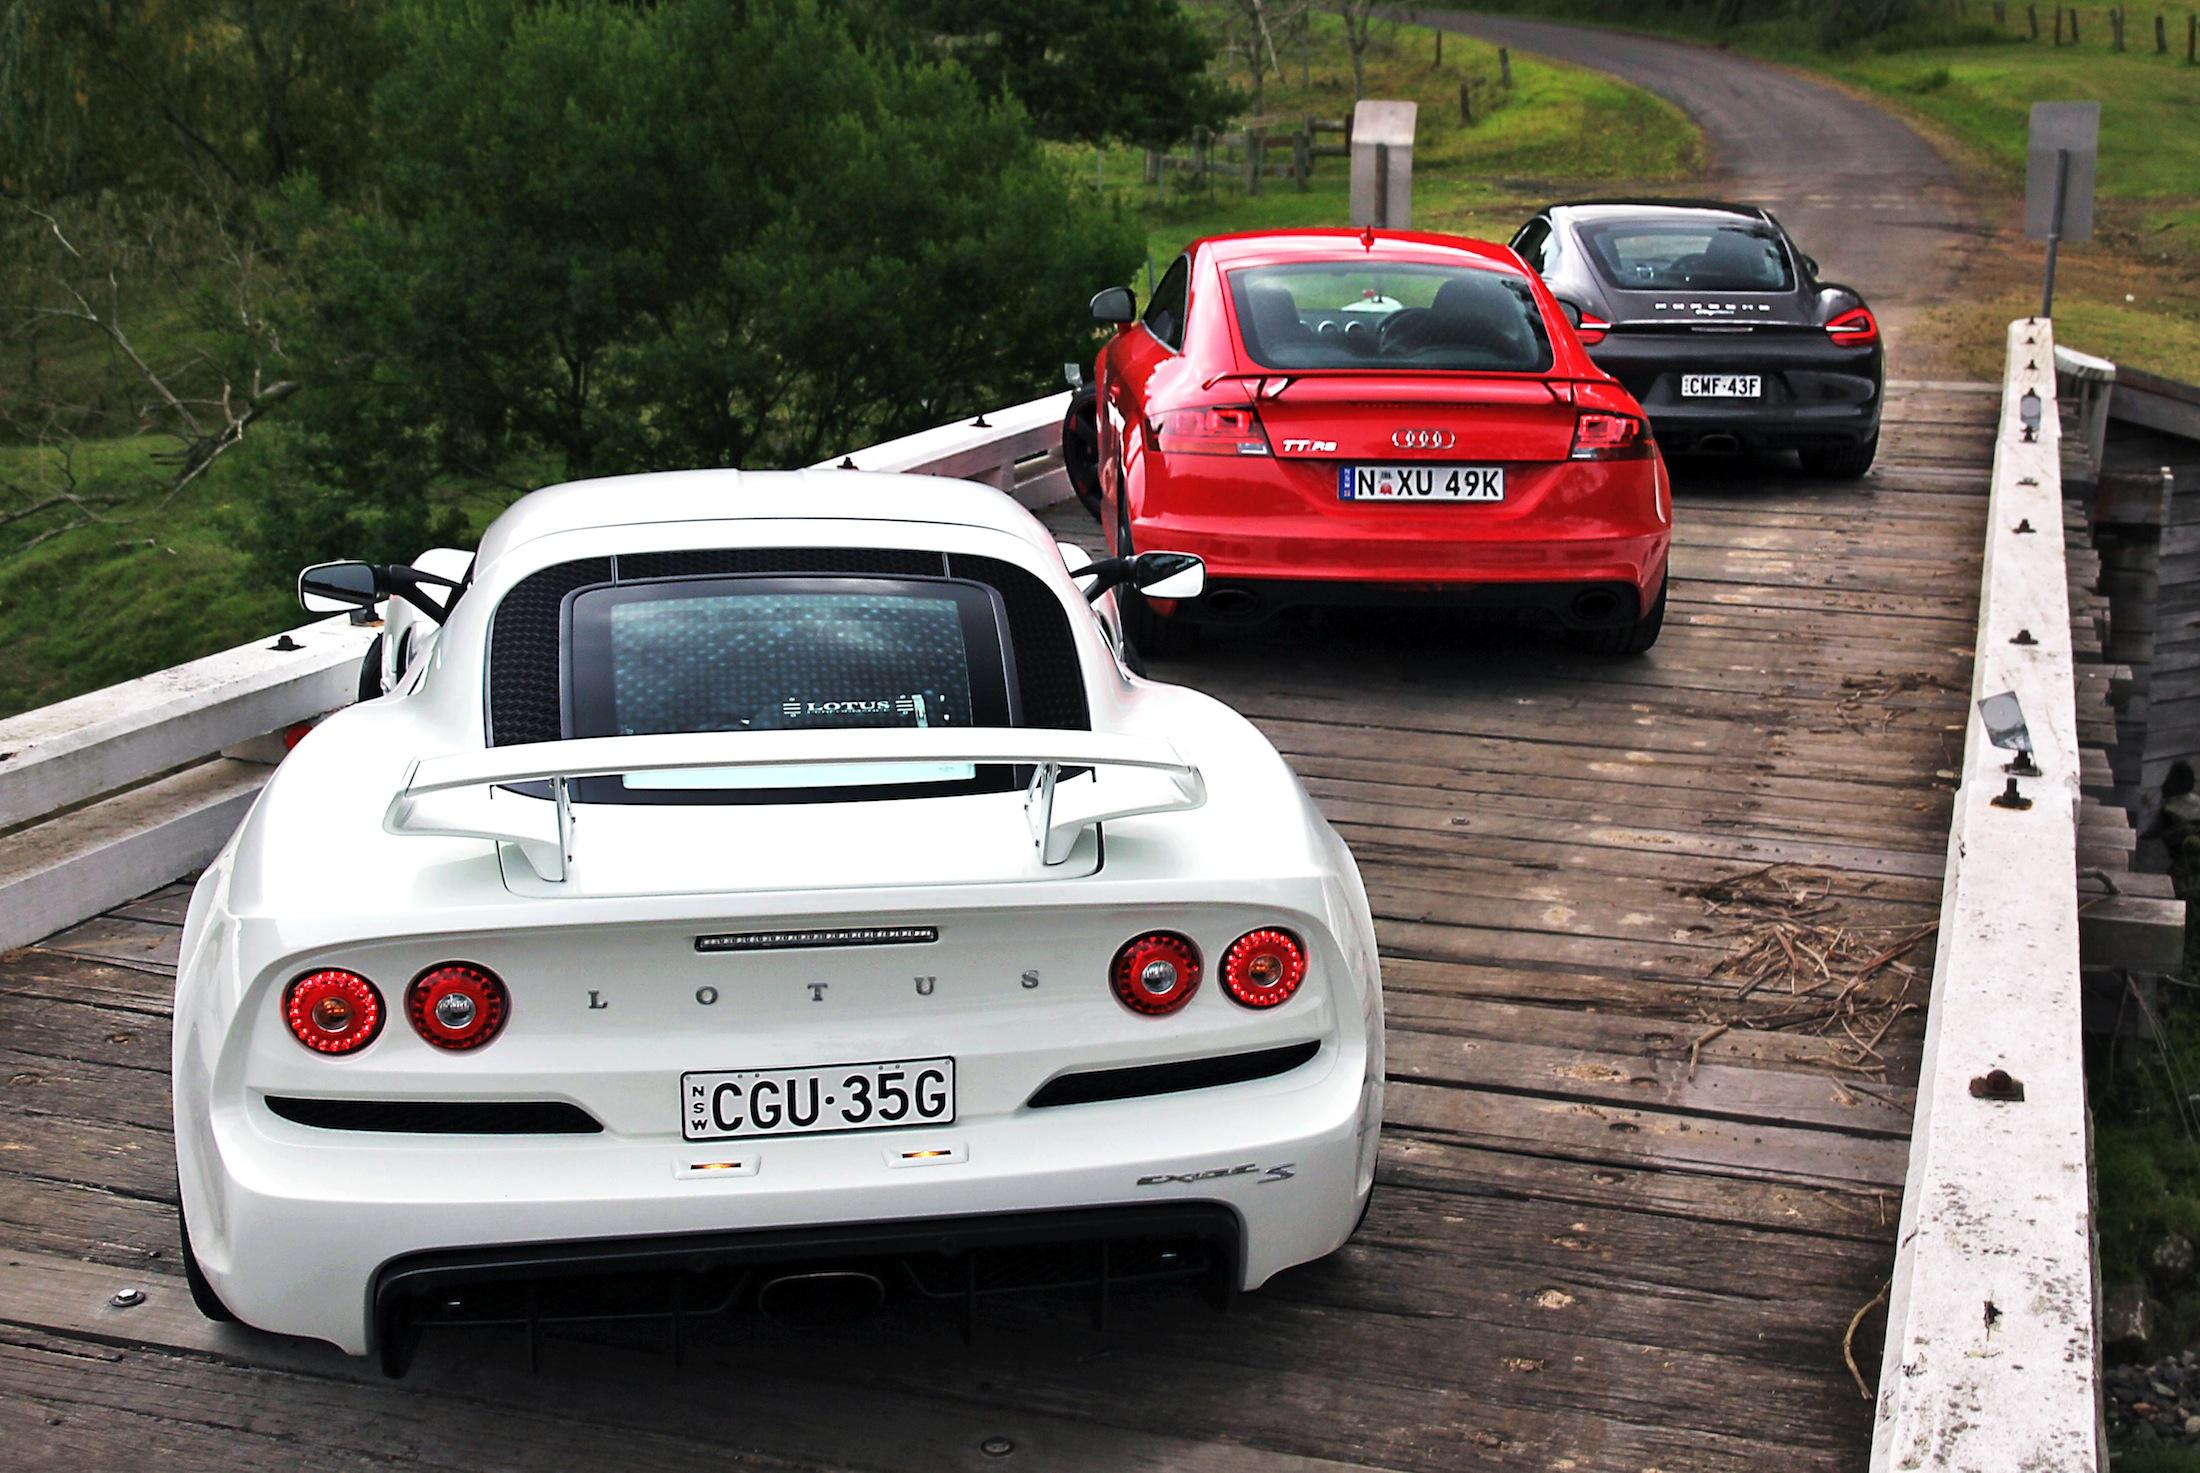 Sports Car Comparison Porsche Cayman V Audi TT RS V Lotus Exige S - Sports car comparison